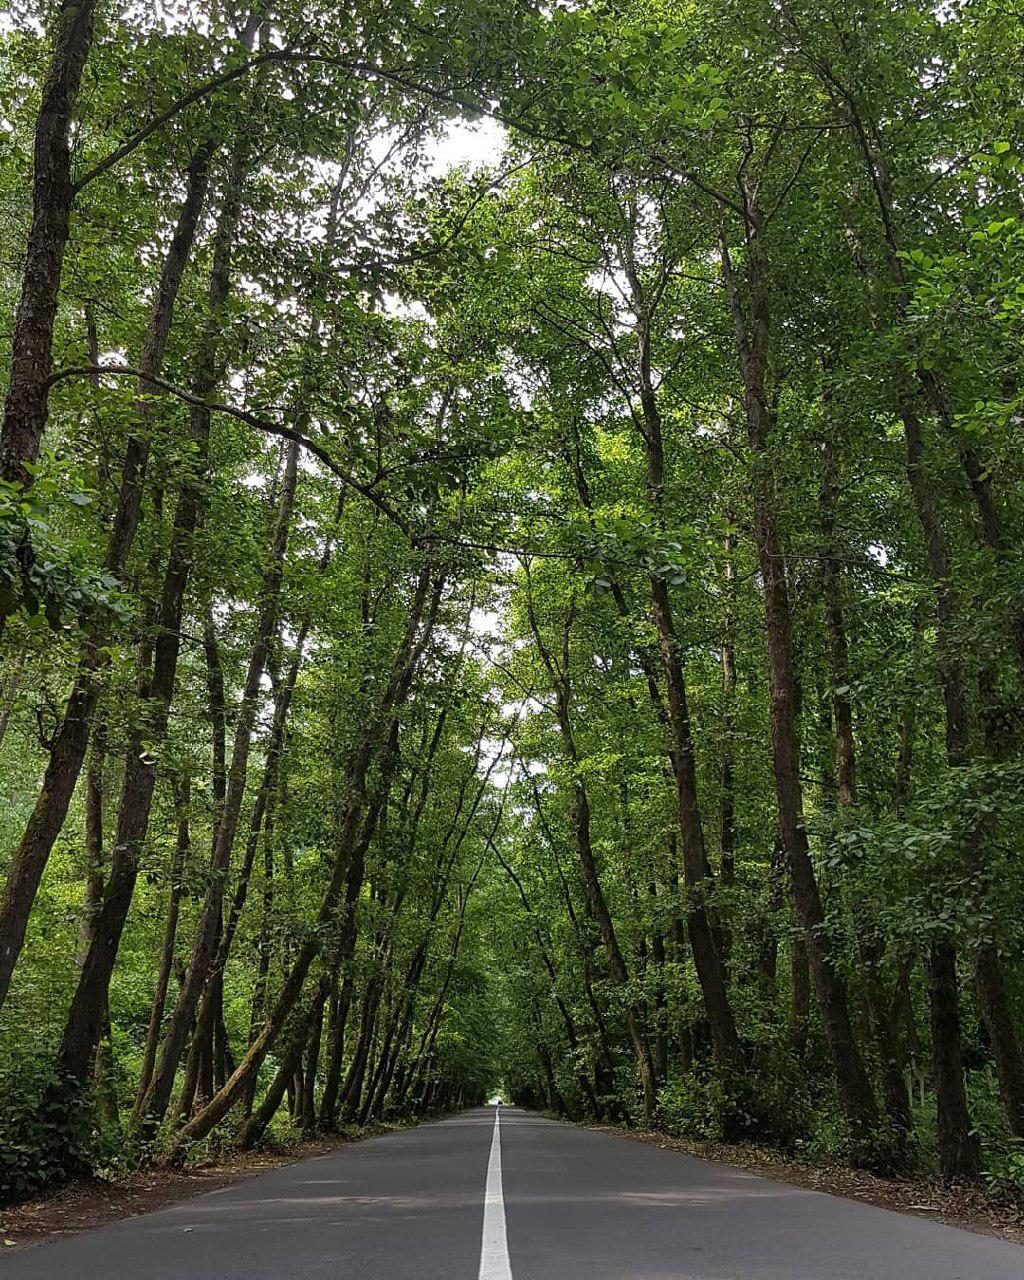 تونل جنگلی روستای سرسبز صفرابسته ی گیلان